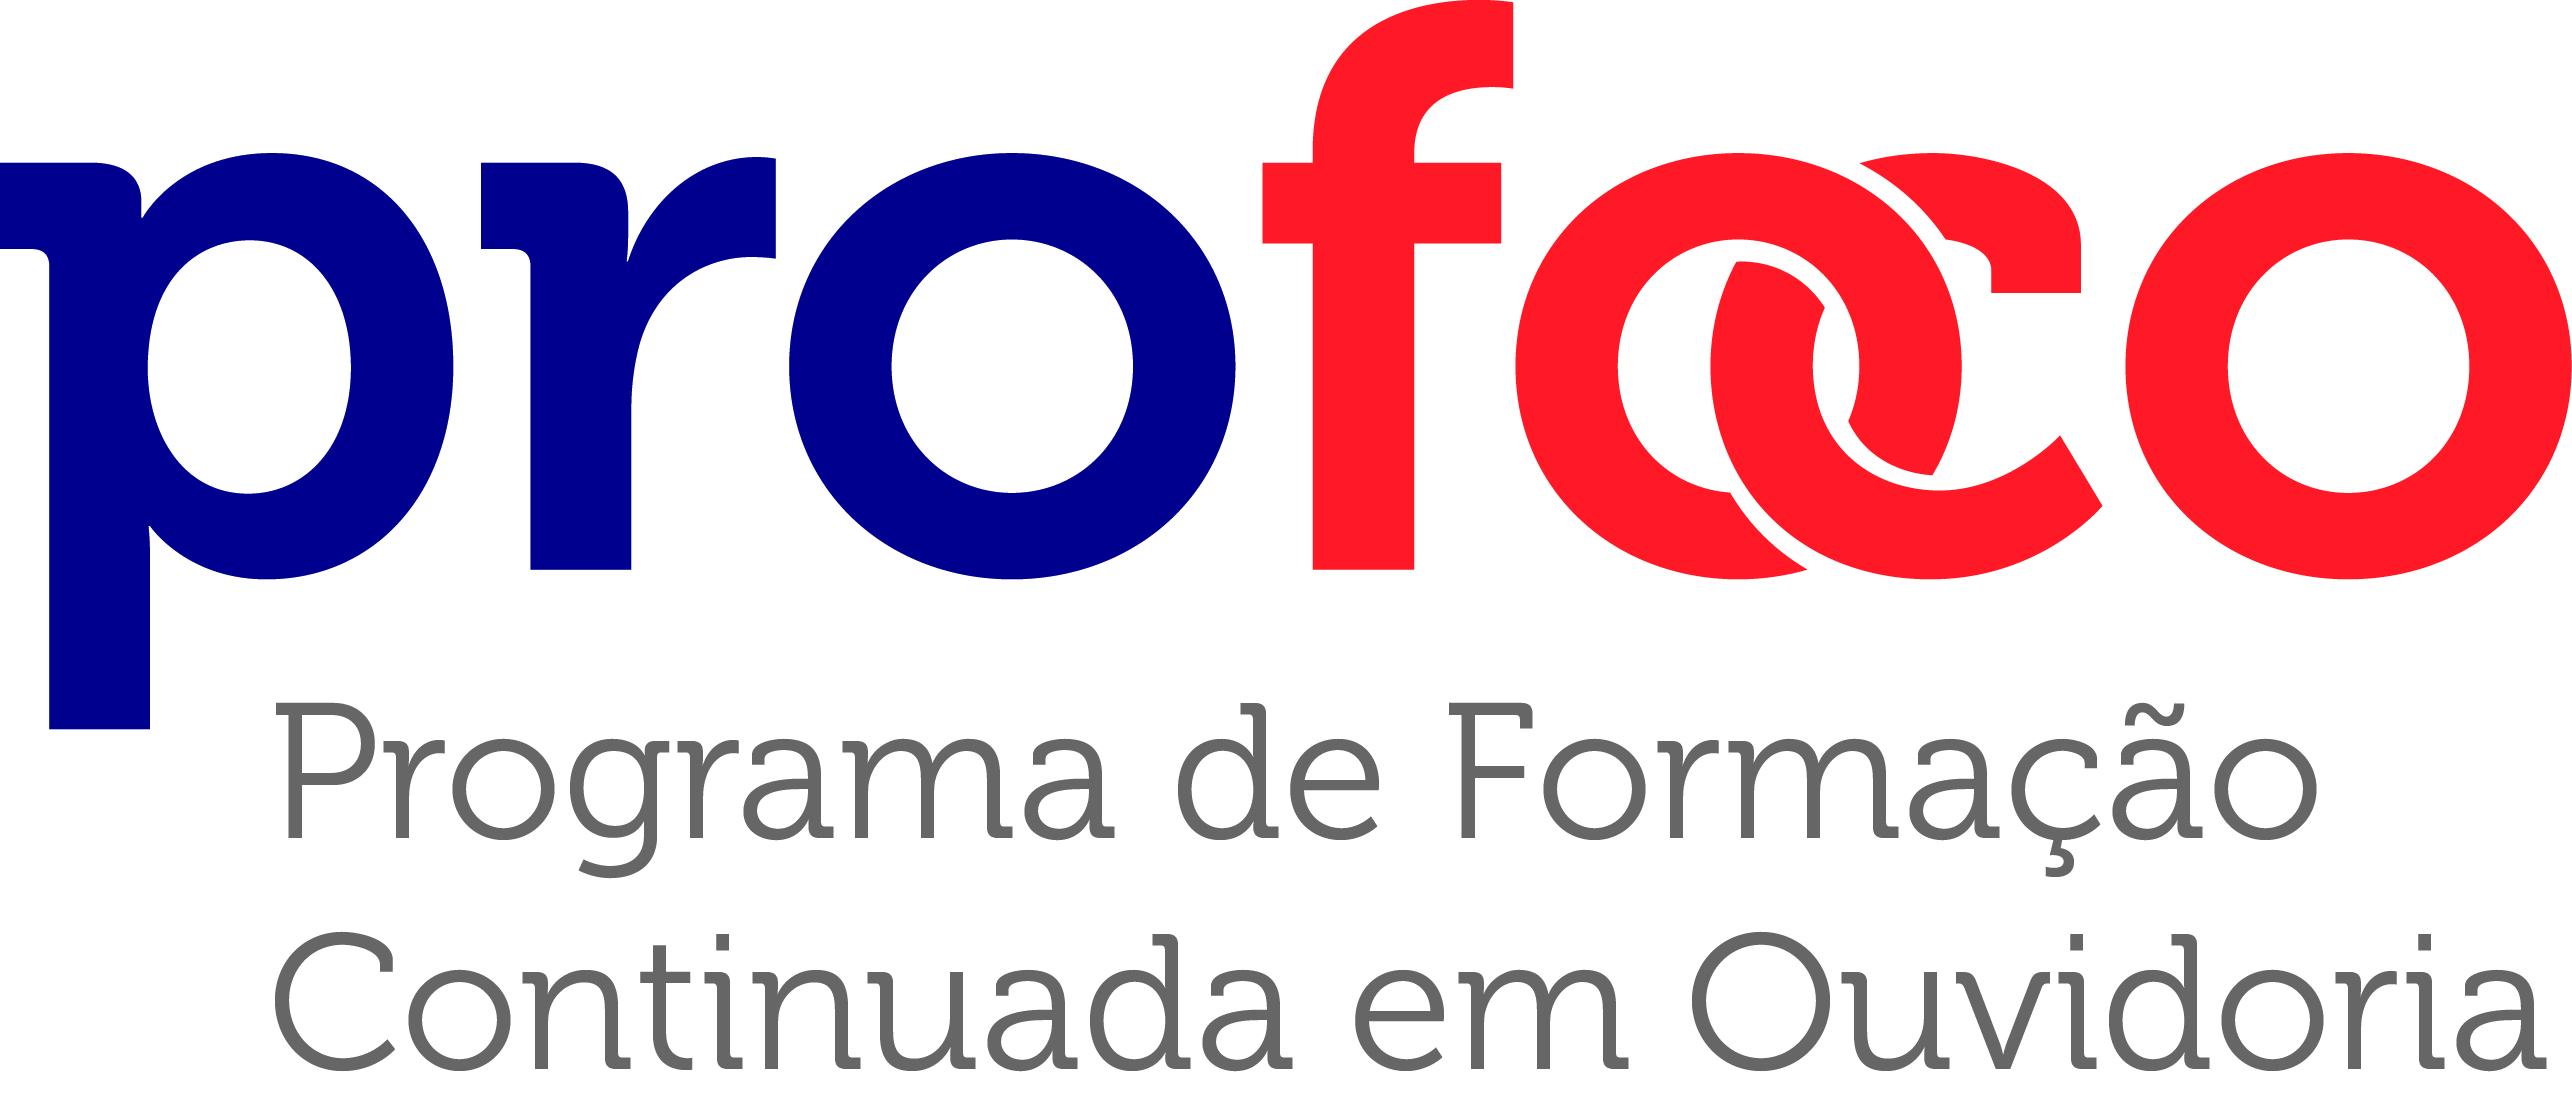 Curso Tratamento de Denúncias em Ouvidoria, no período de 16 a 18 de outubro de 2018, na cidade do Rio de Janeiro/RJ